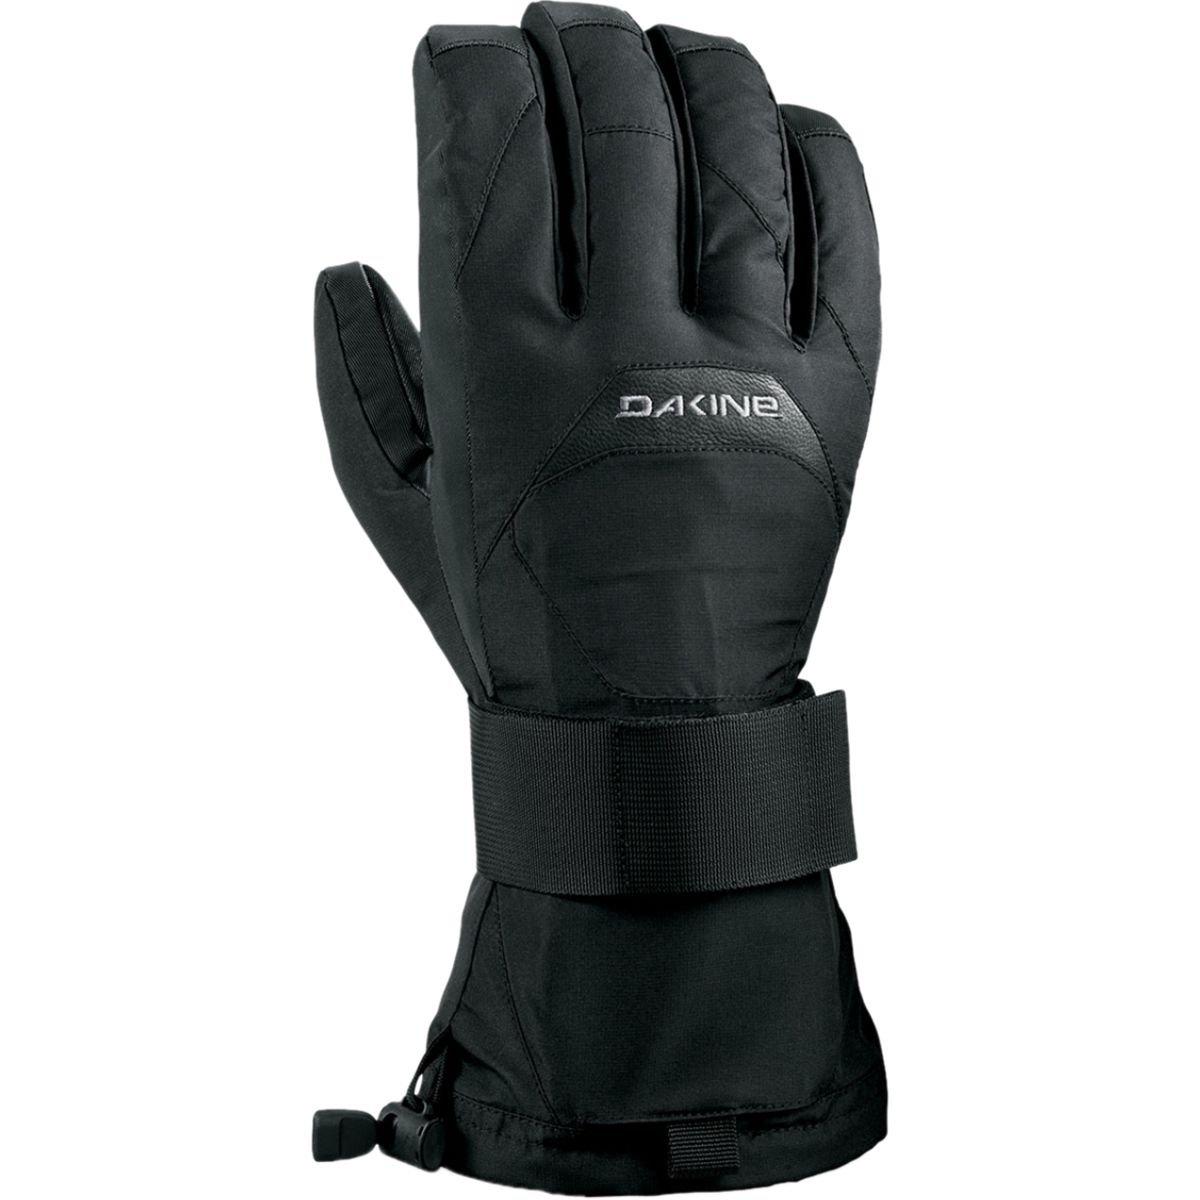 Dakine Wristguard Ski/Snowboard Glove Small Black